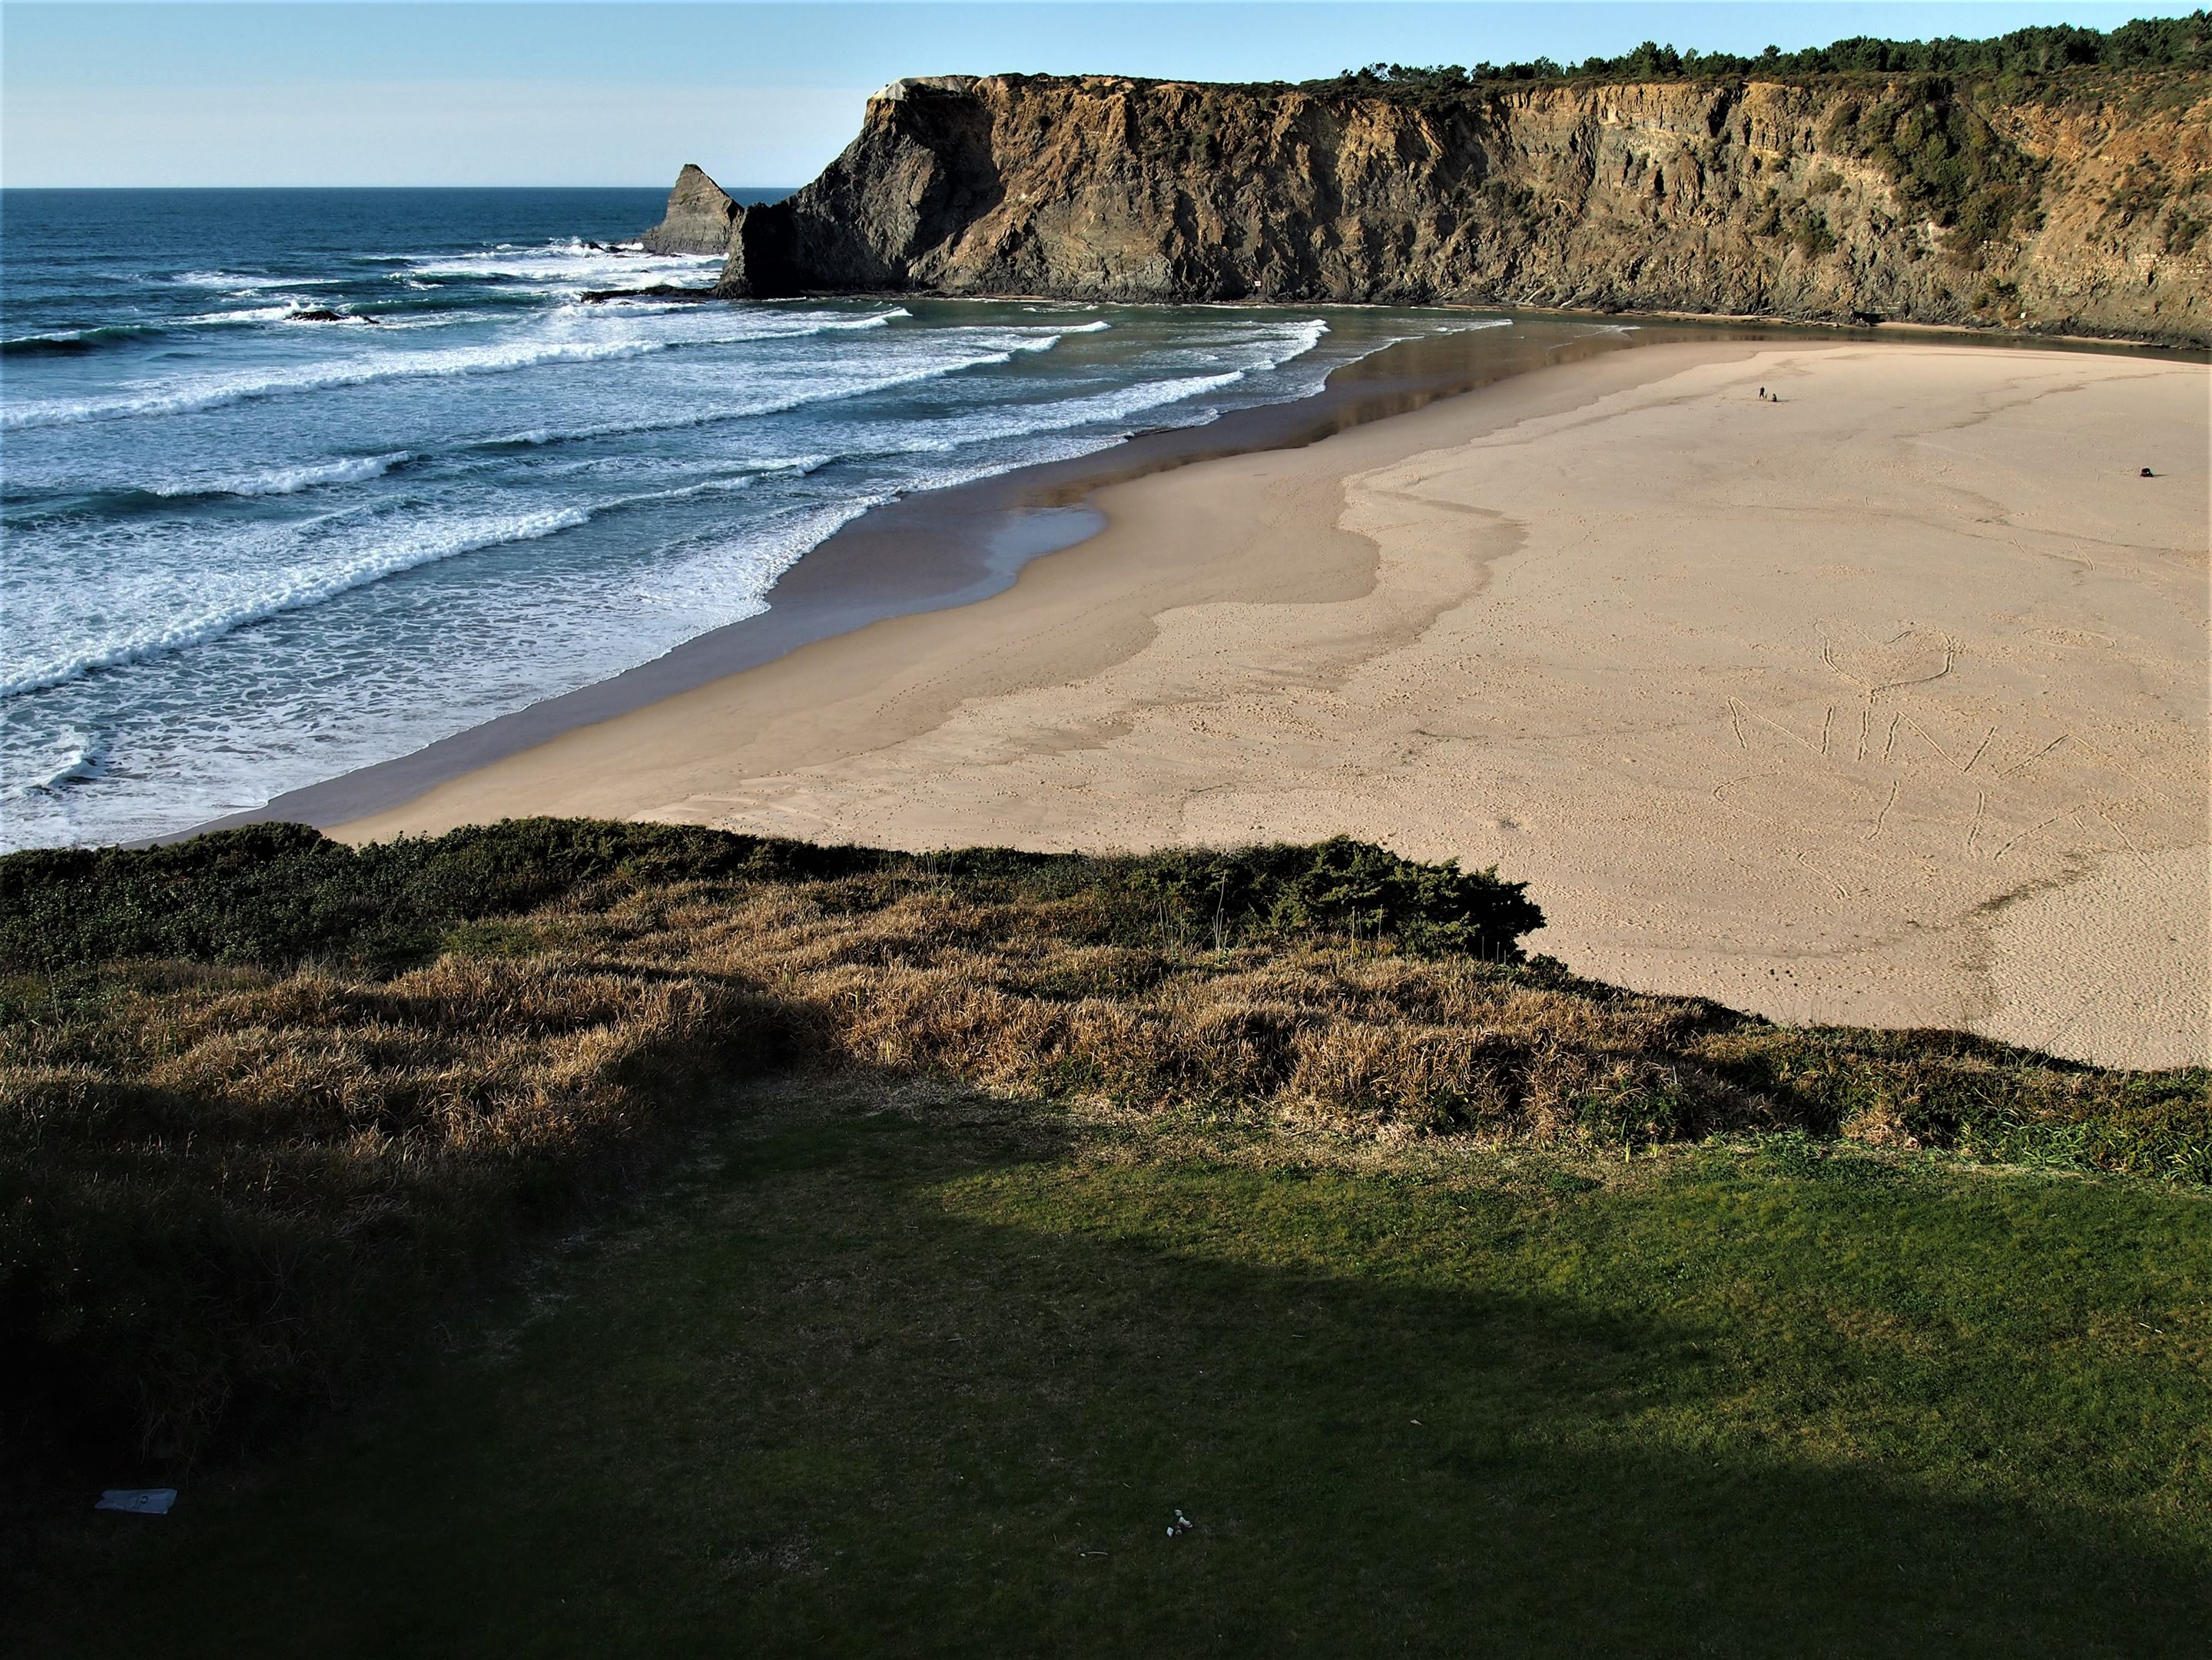 Praia de Odeceixe, con la Ribeira de Seixe en el fondo en su camino hacia el Océano Atlántico